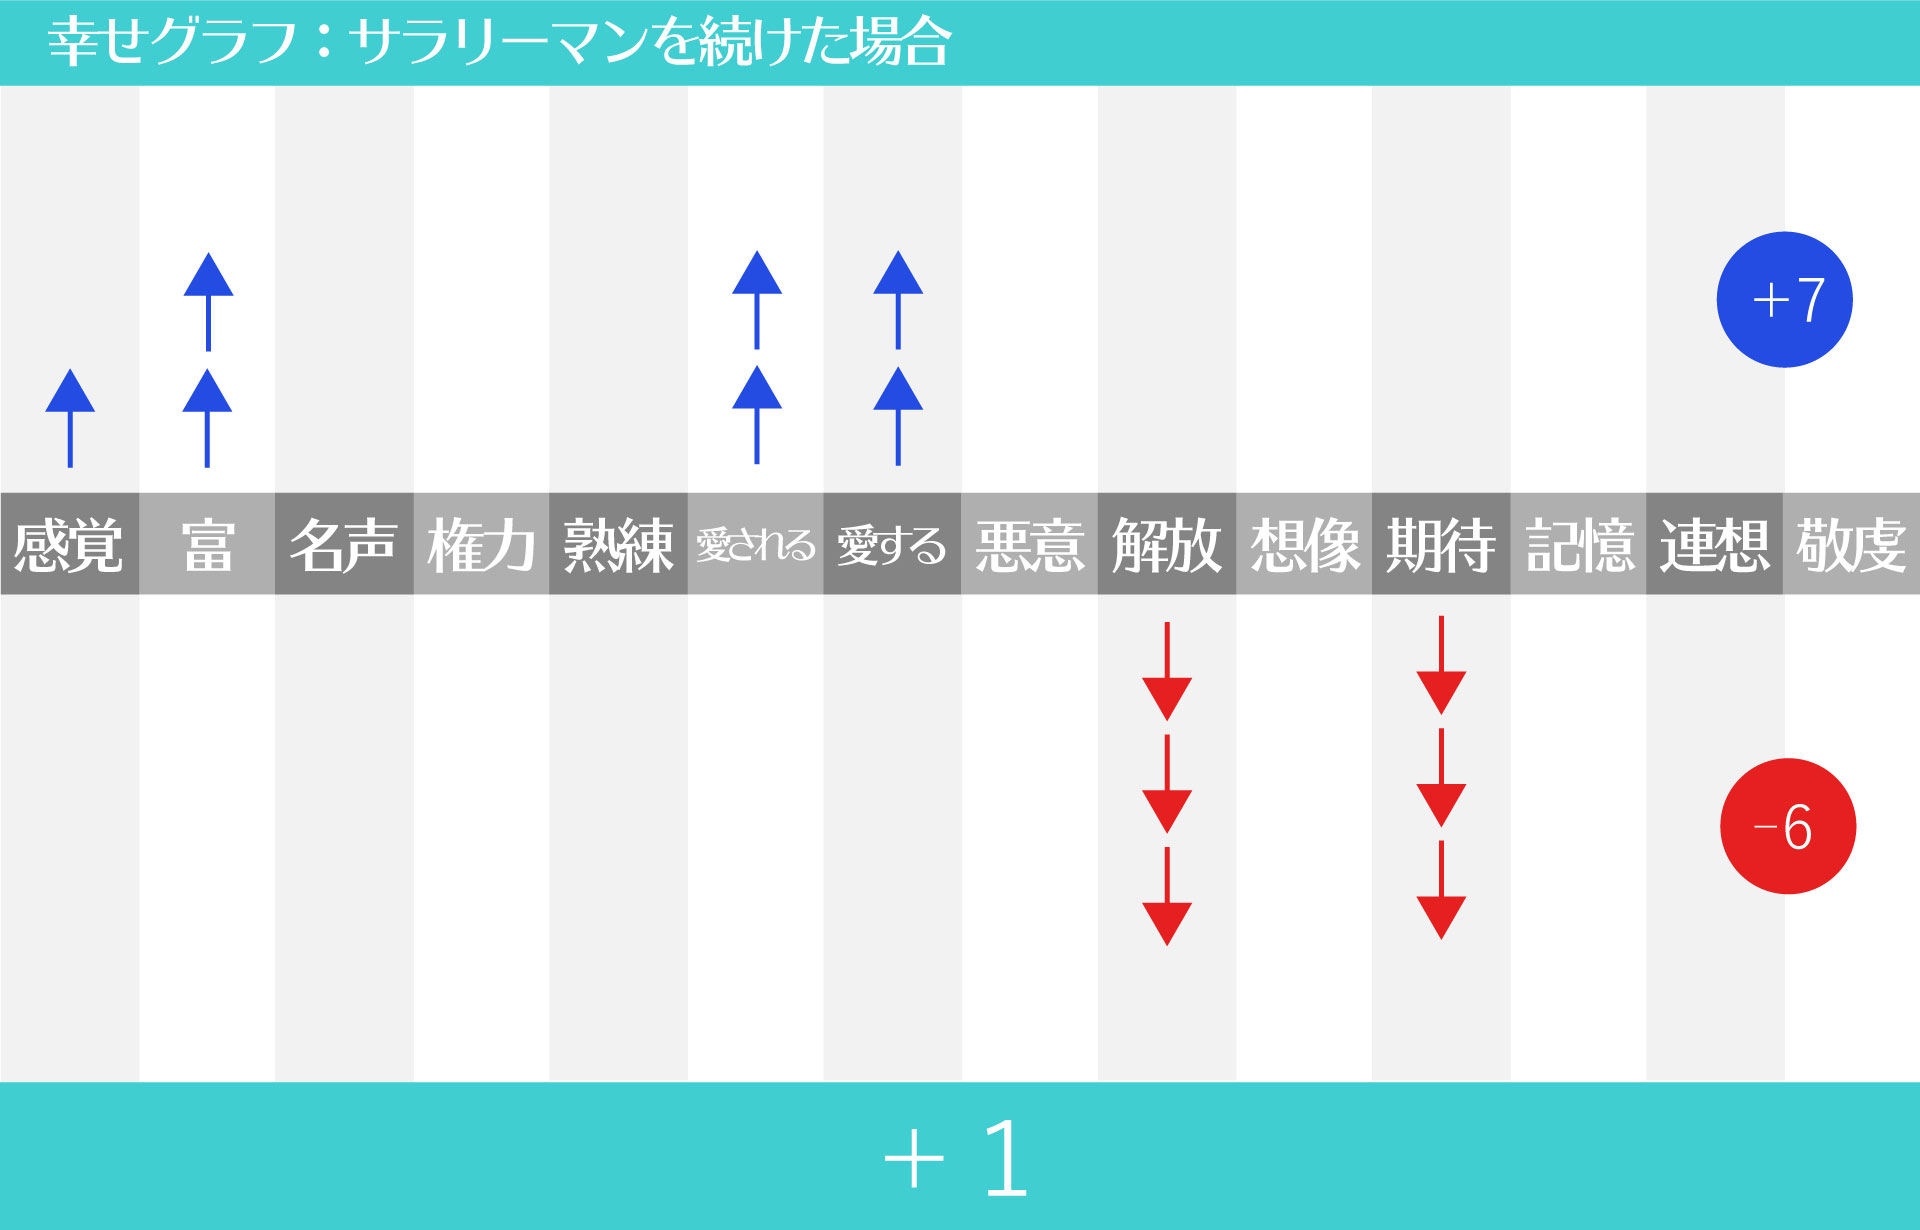 幸せグラフ_サラリーマンの場合jpg